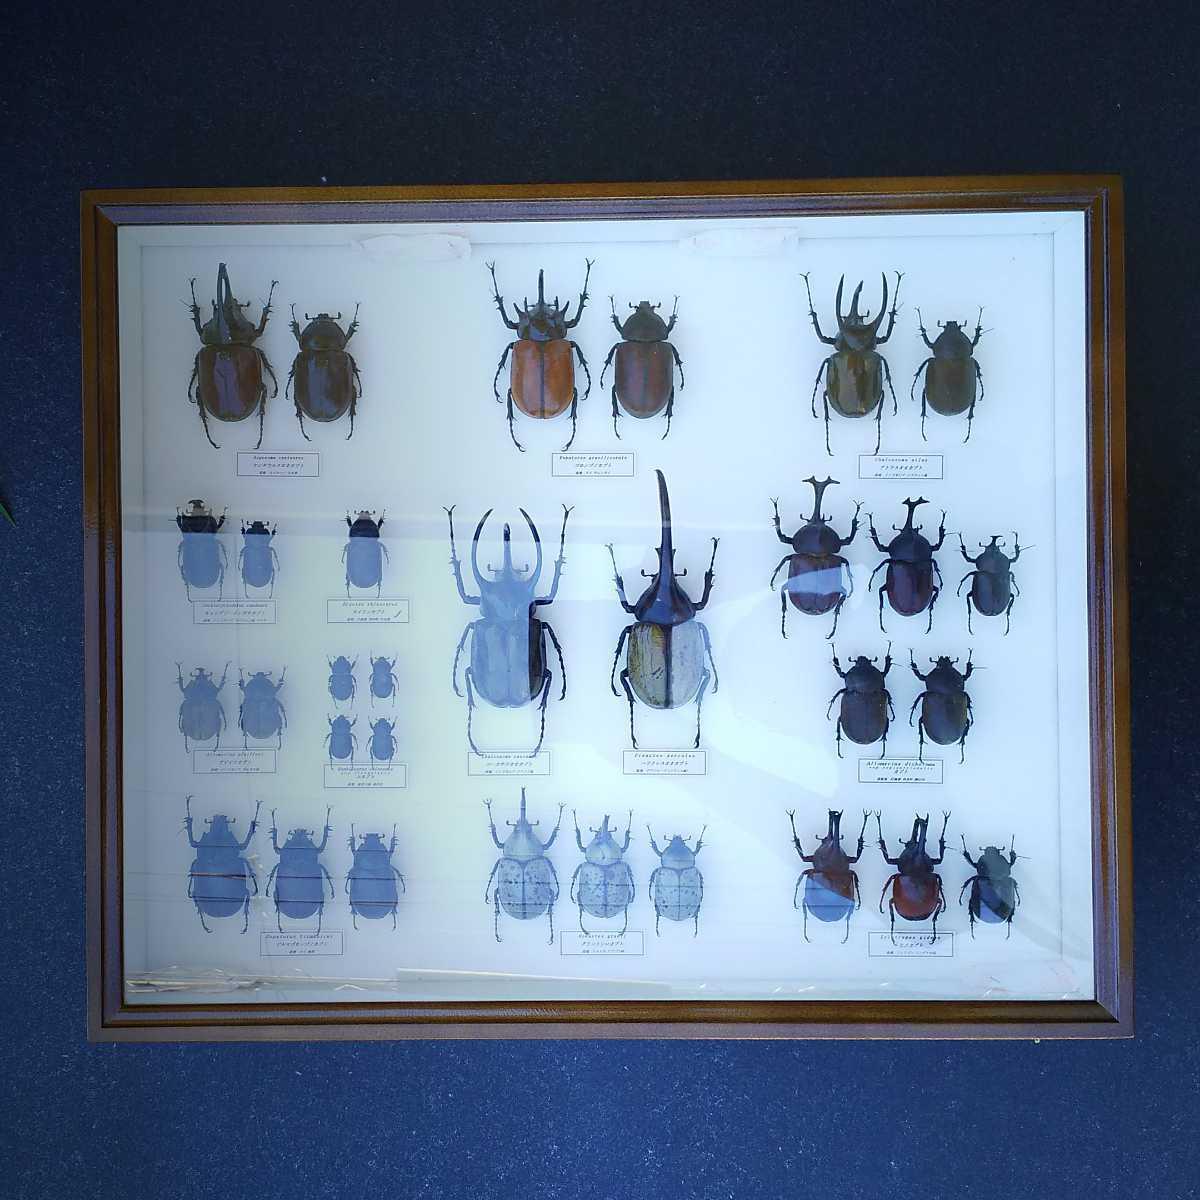 値段交渉OK 昆虫標本 カブトムシ 31頭 ドイツ箱_画像1